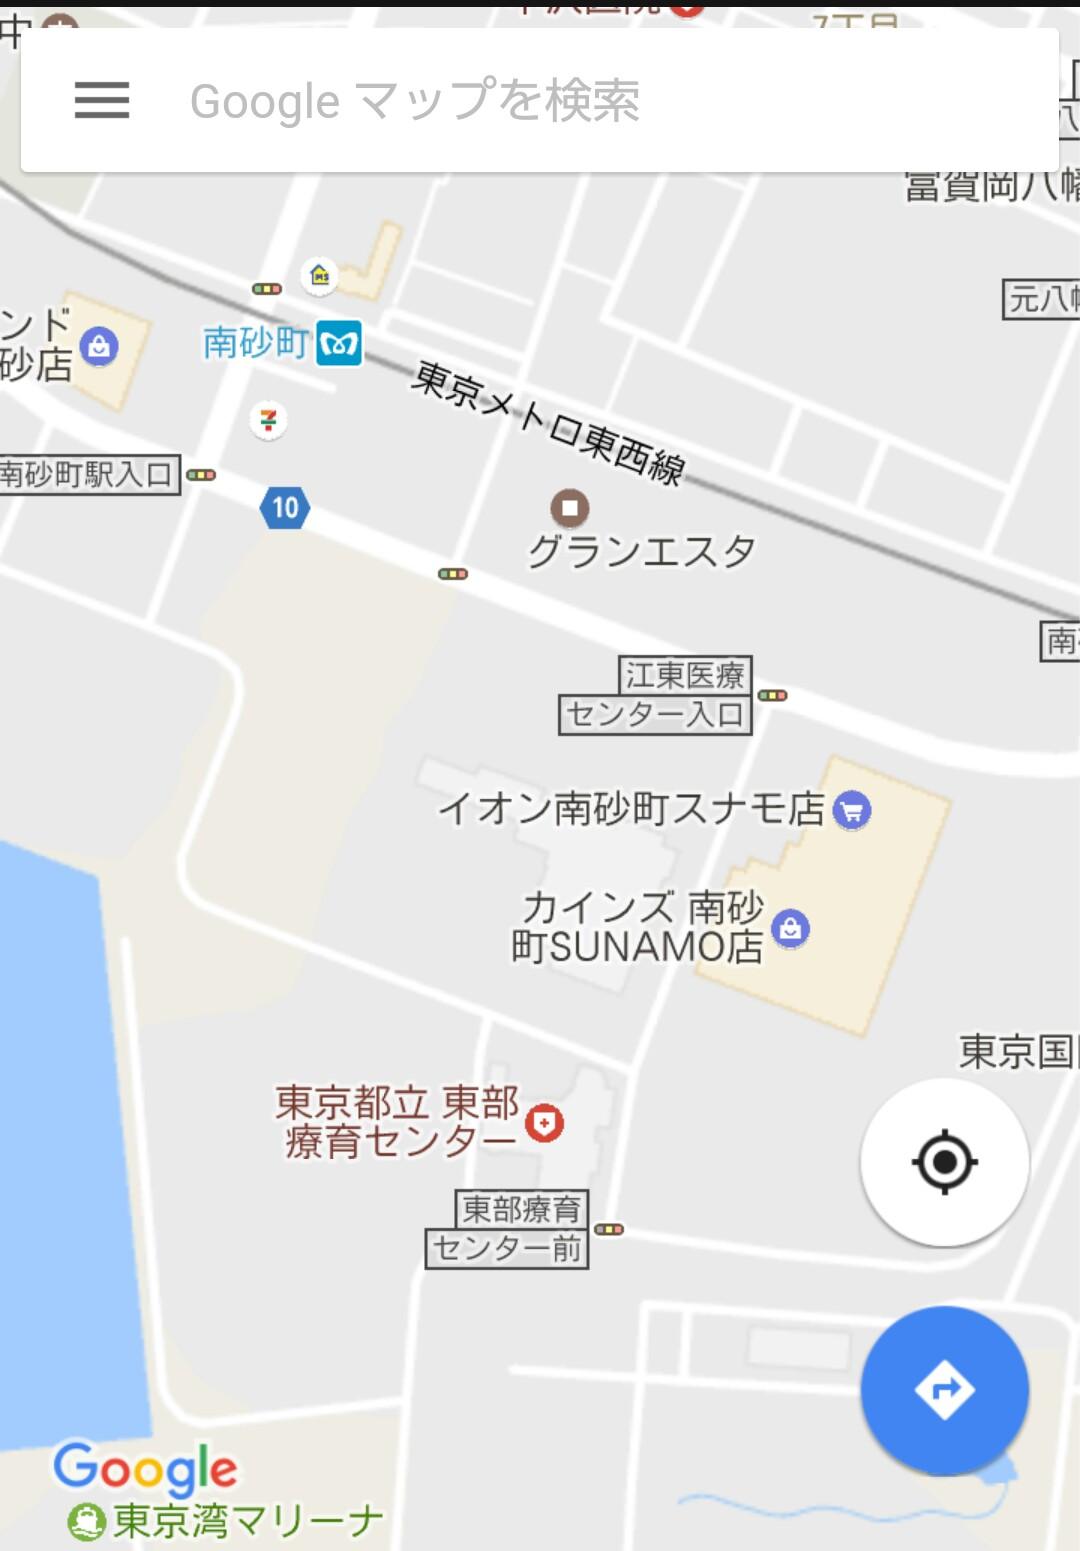 カルチャー講座開講と本日ほかライブ詳細